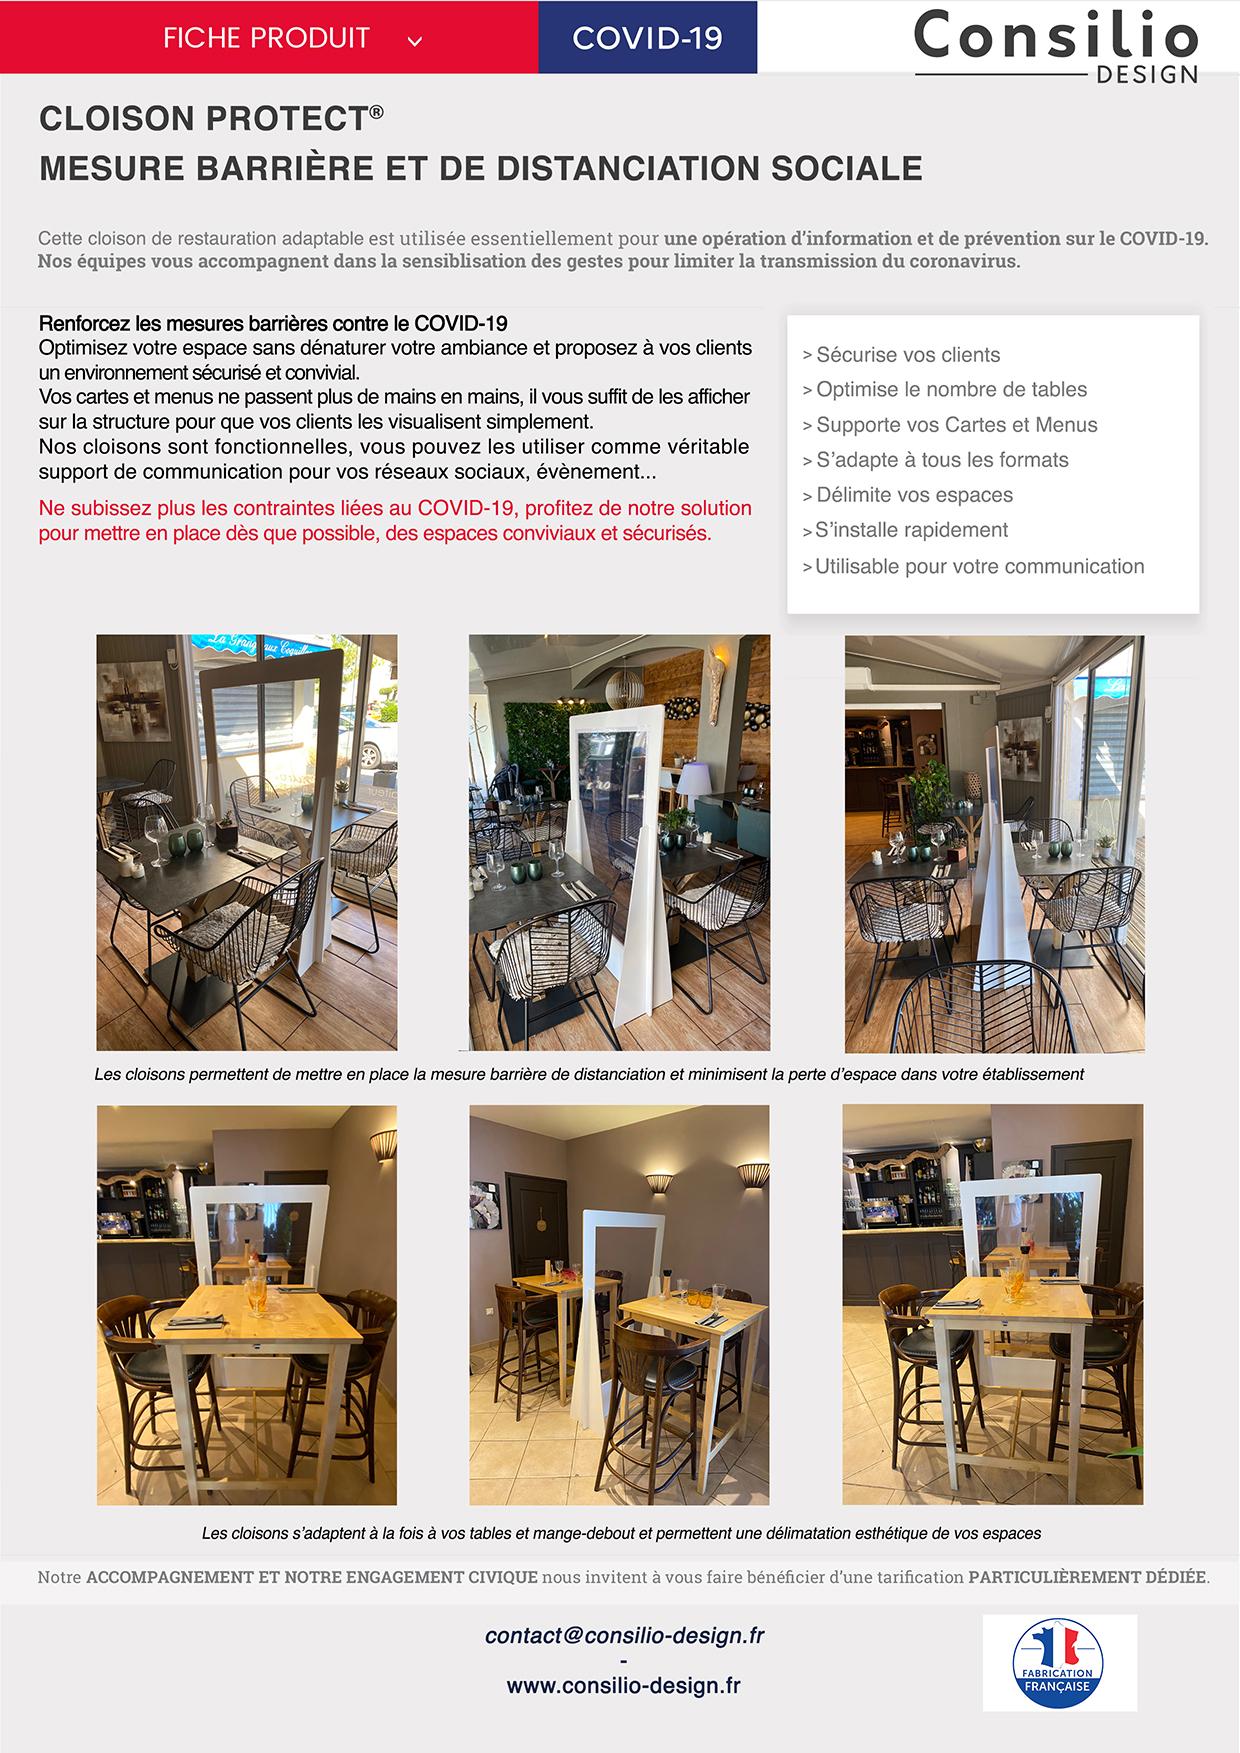 Consilio_Design_Cloison_Fiche_Produit_HD_COVID19